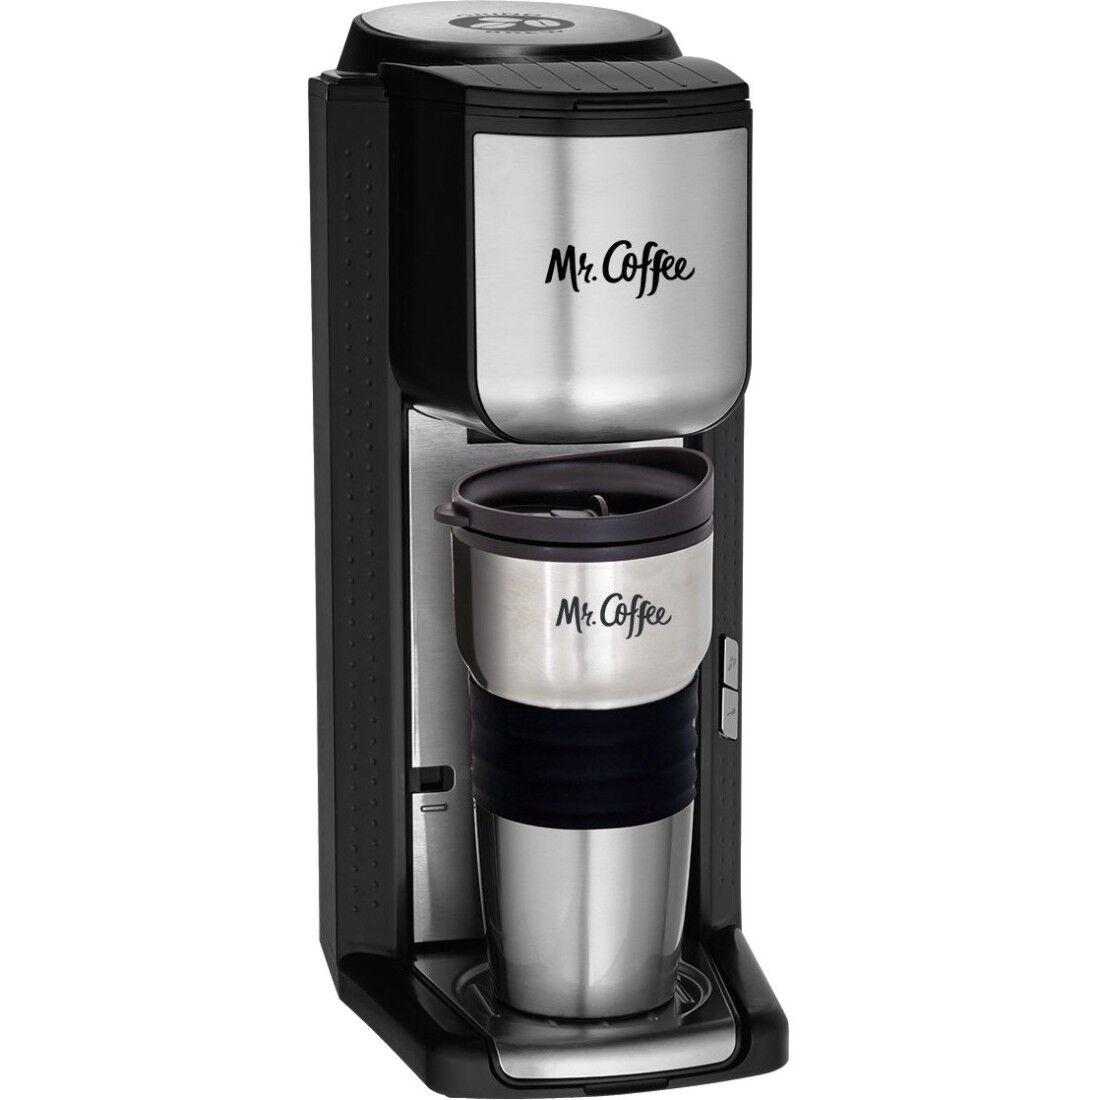 Mr. Coffee Tasse Cafetière avec moulin intégré, avec tasse de voyage